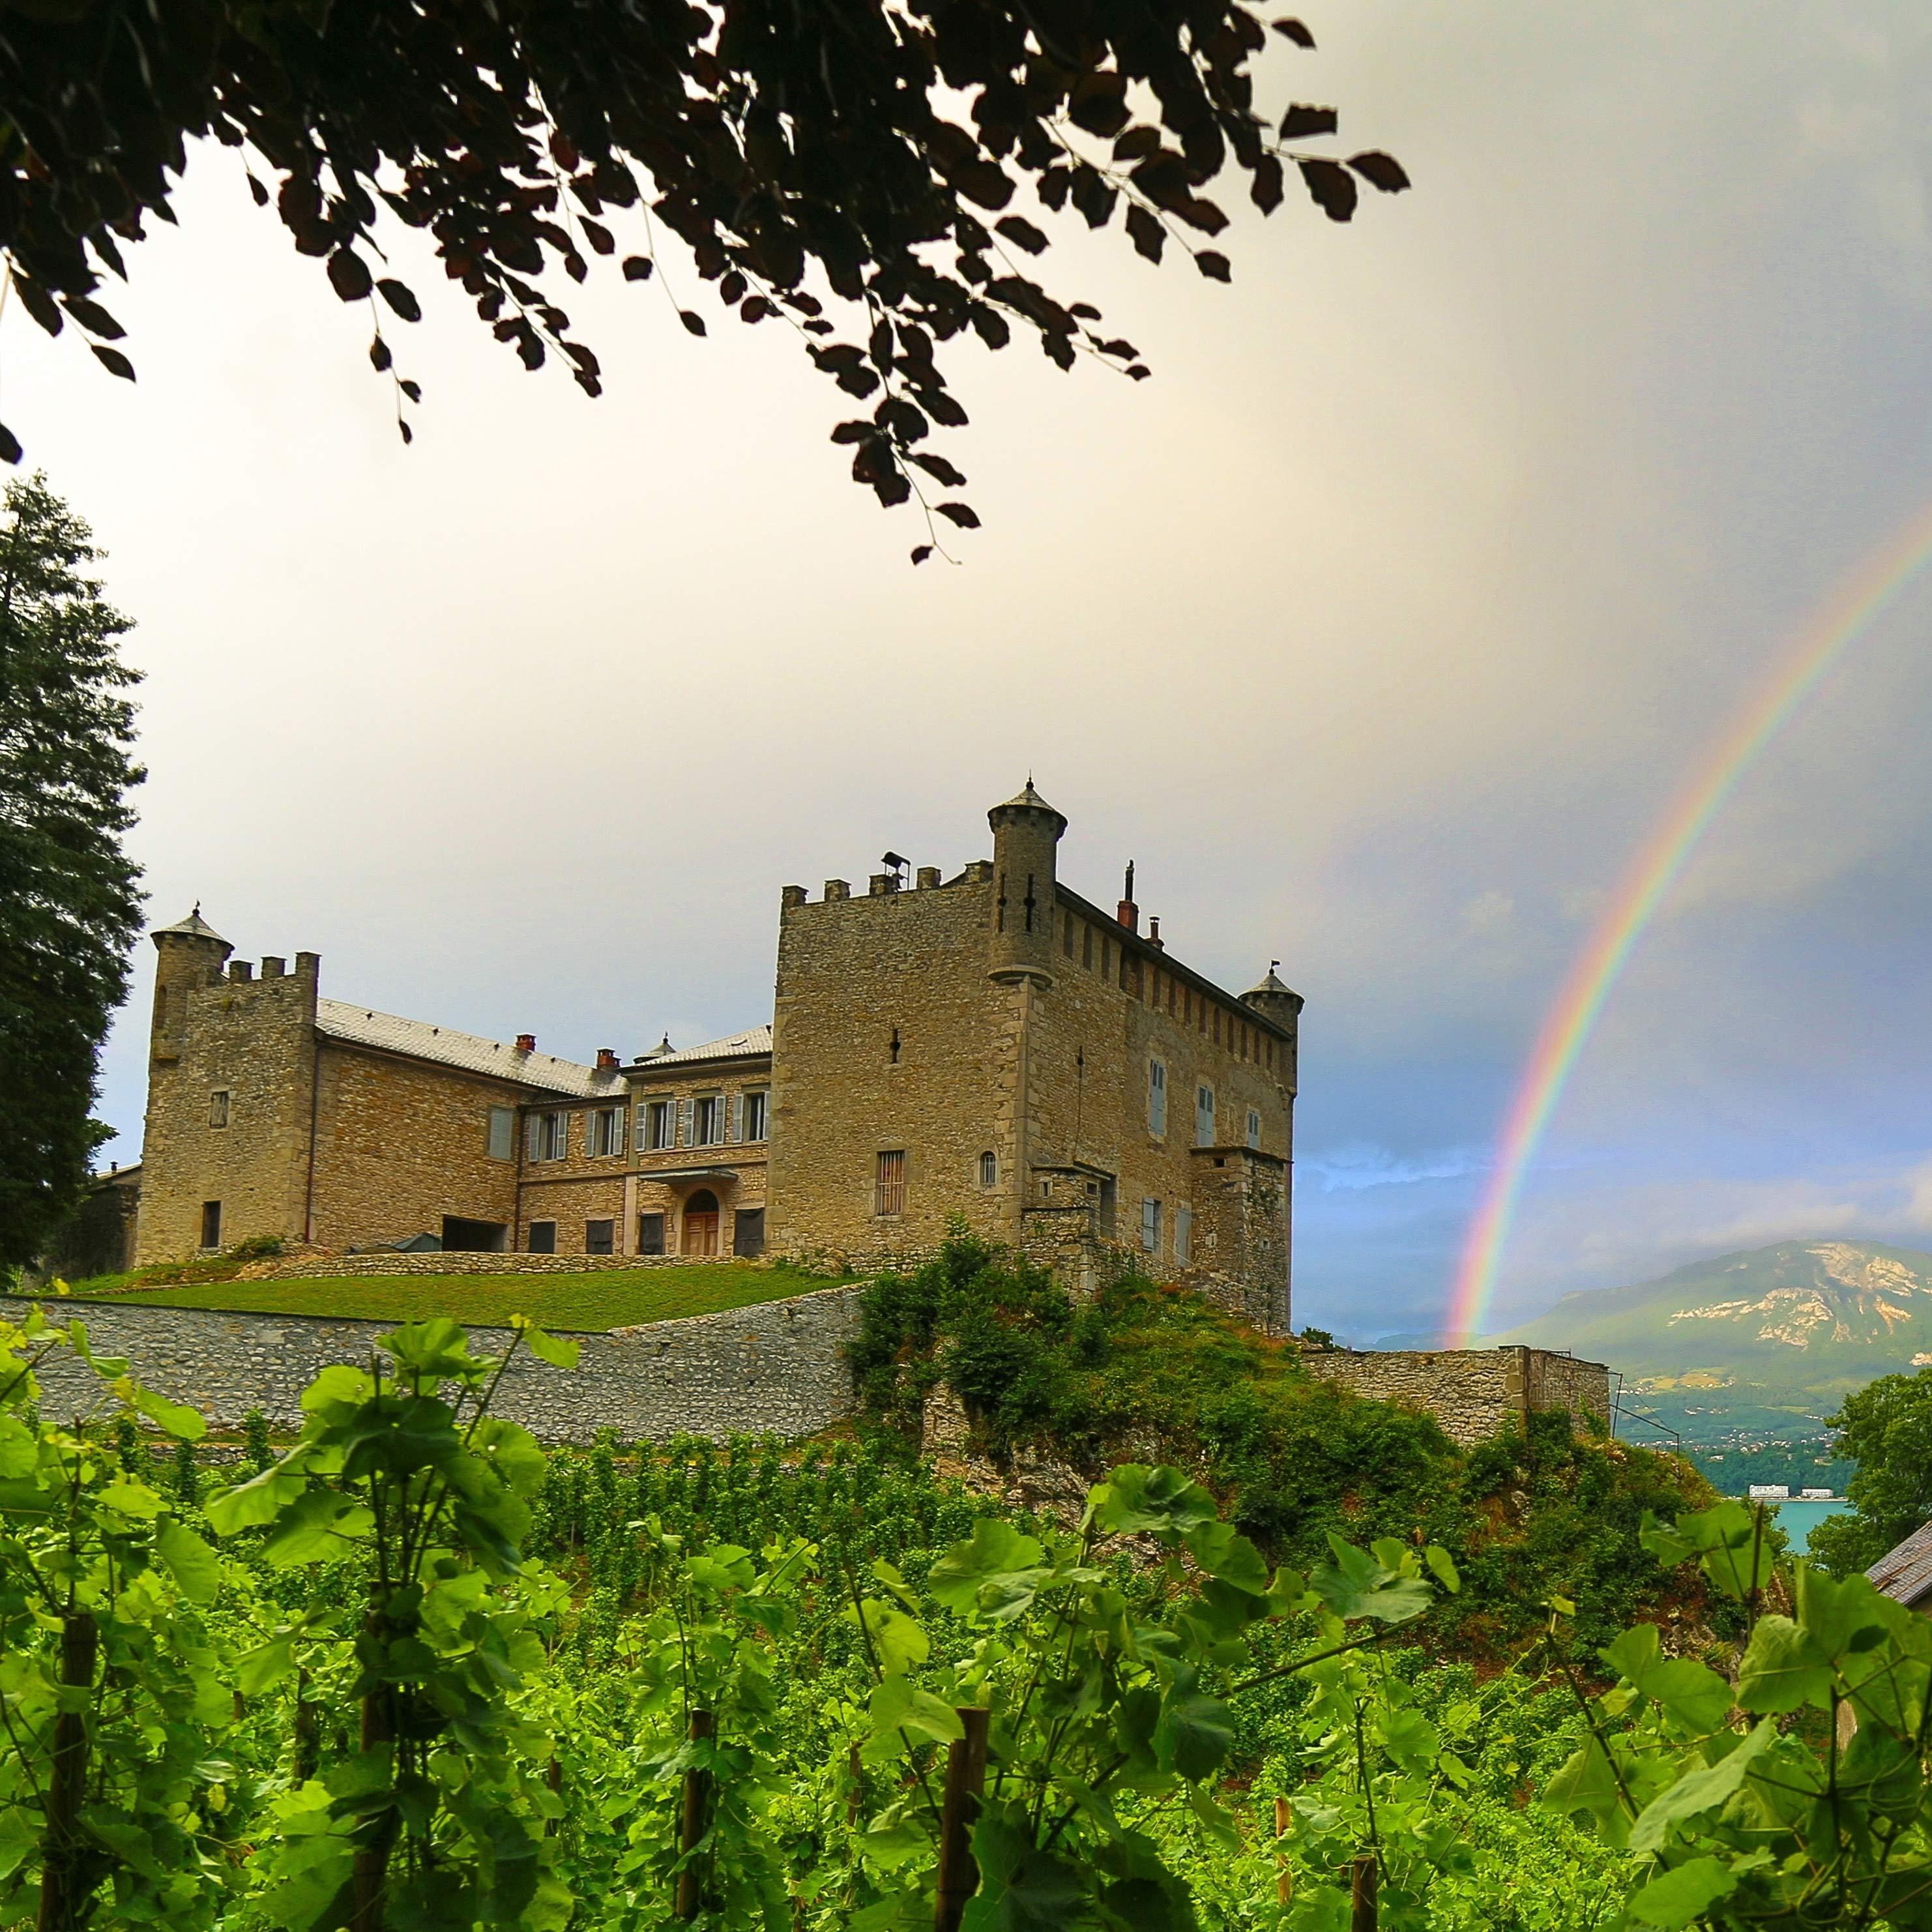 vue d'un château depuis des vignes avec un arc en ciel